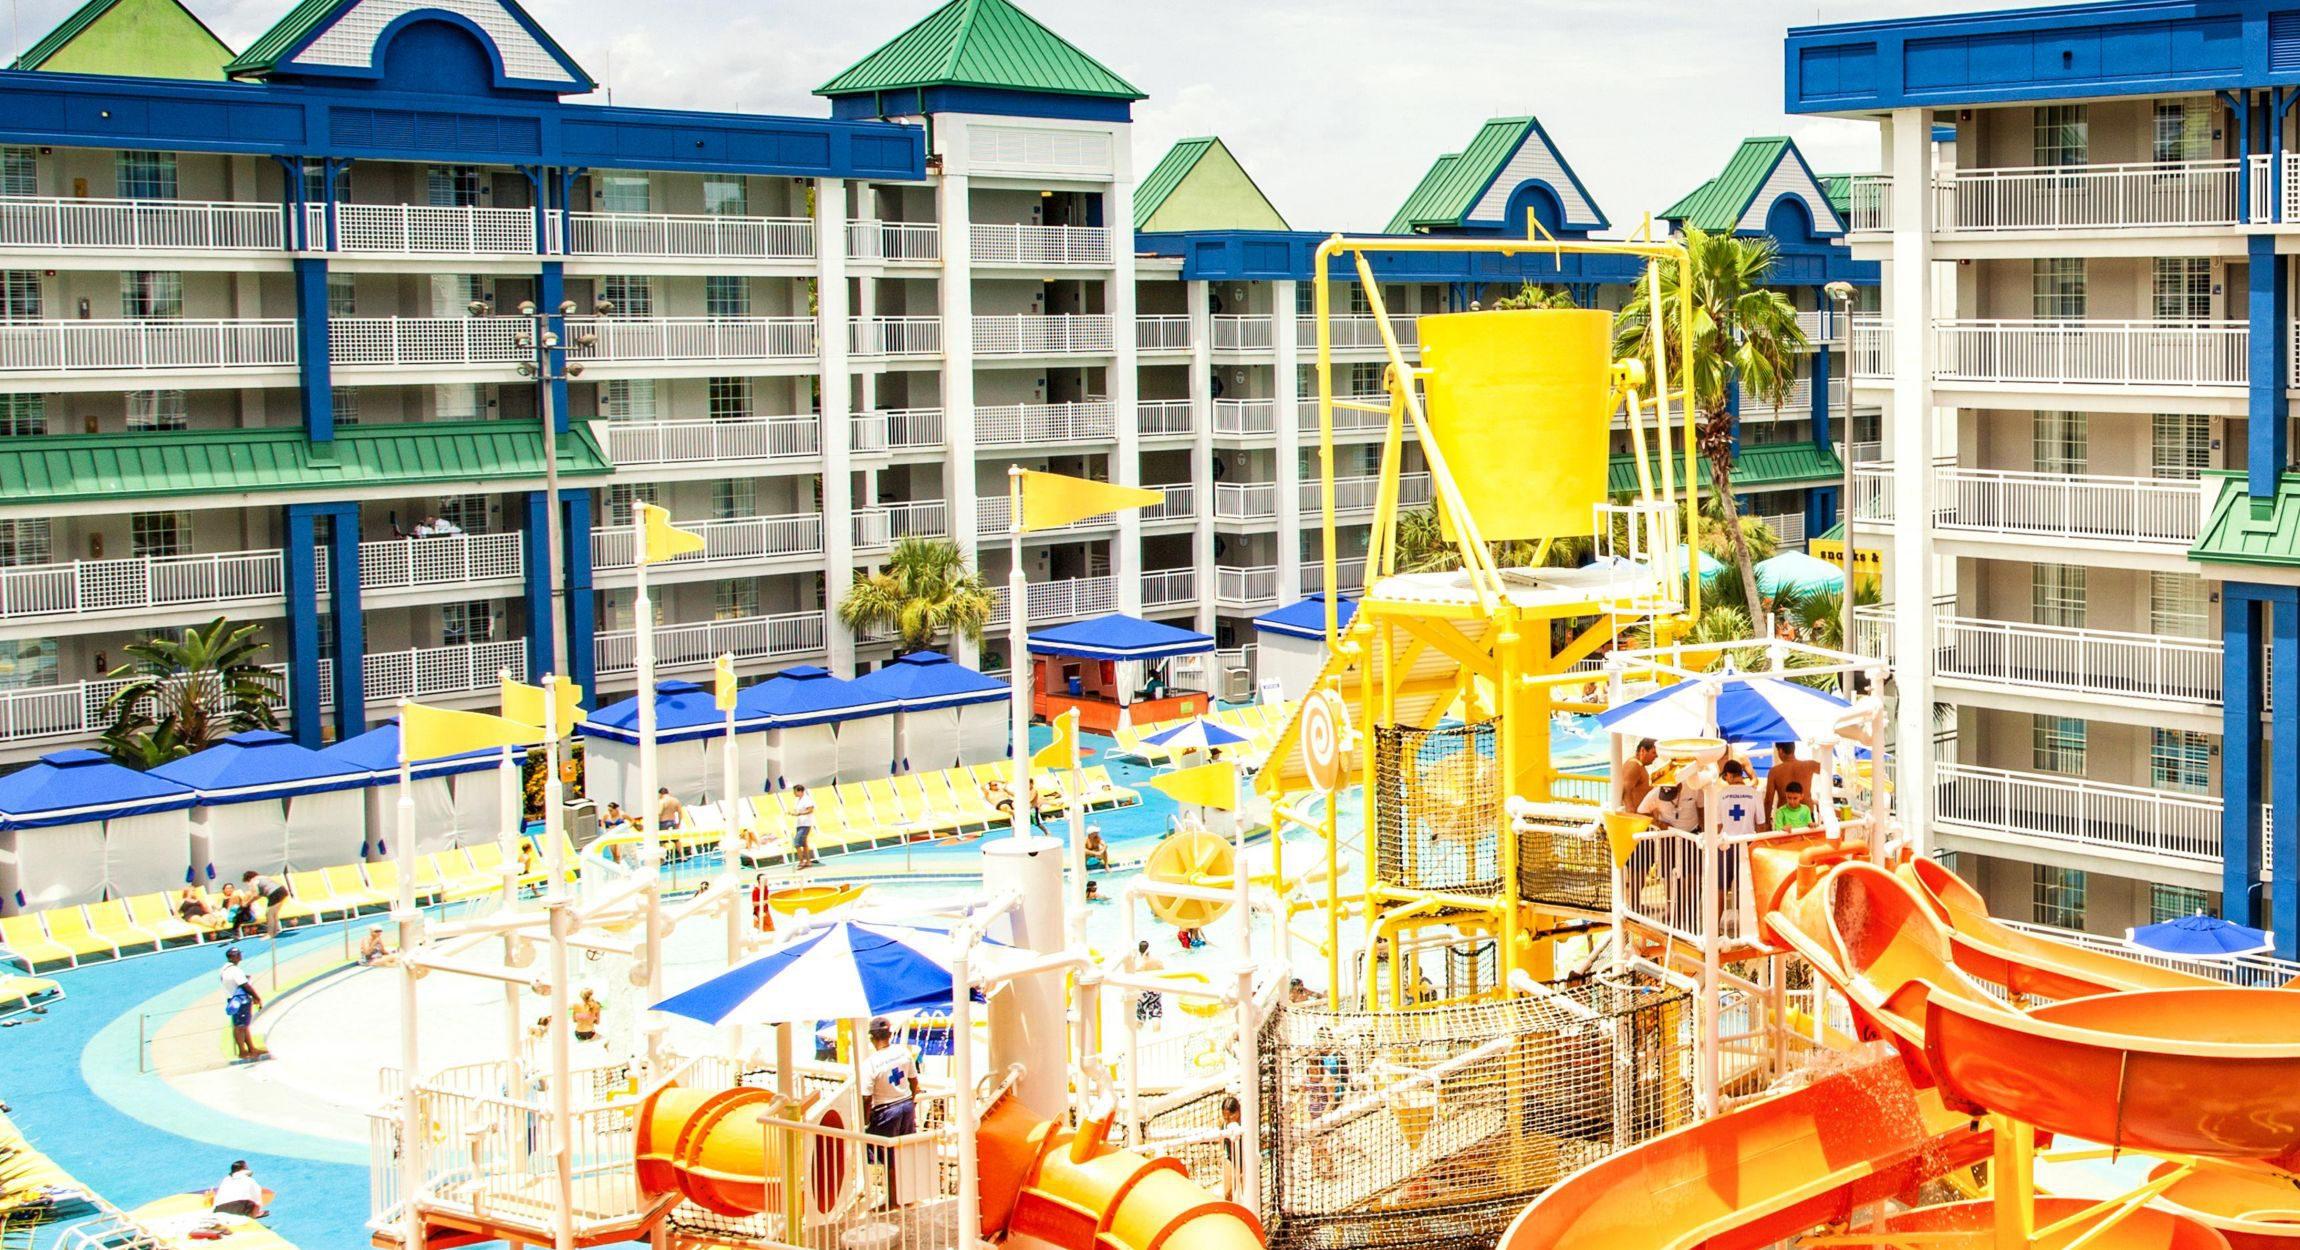 Um pequeno parque aquático, com crianças descendo escorregadores e em piscinas. Ao fundo, prédios com as varandas e os quartos dos hóspedes